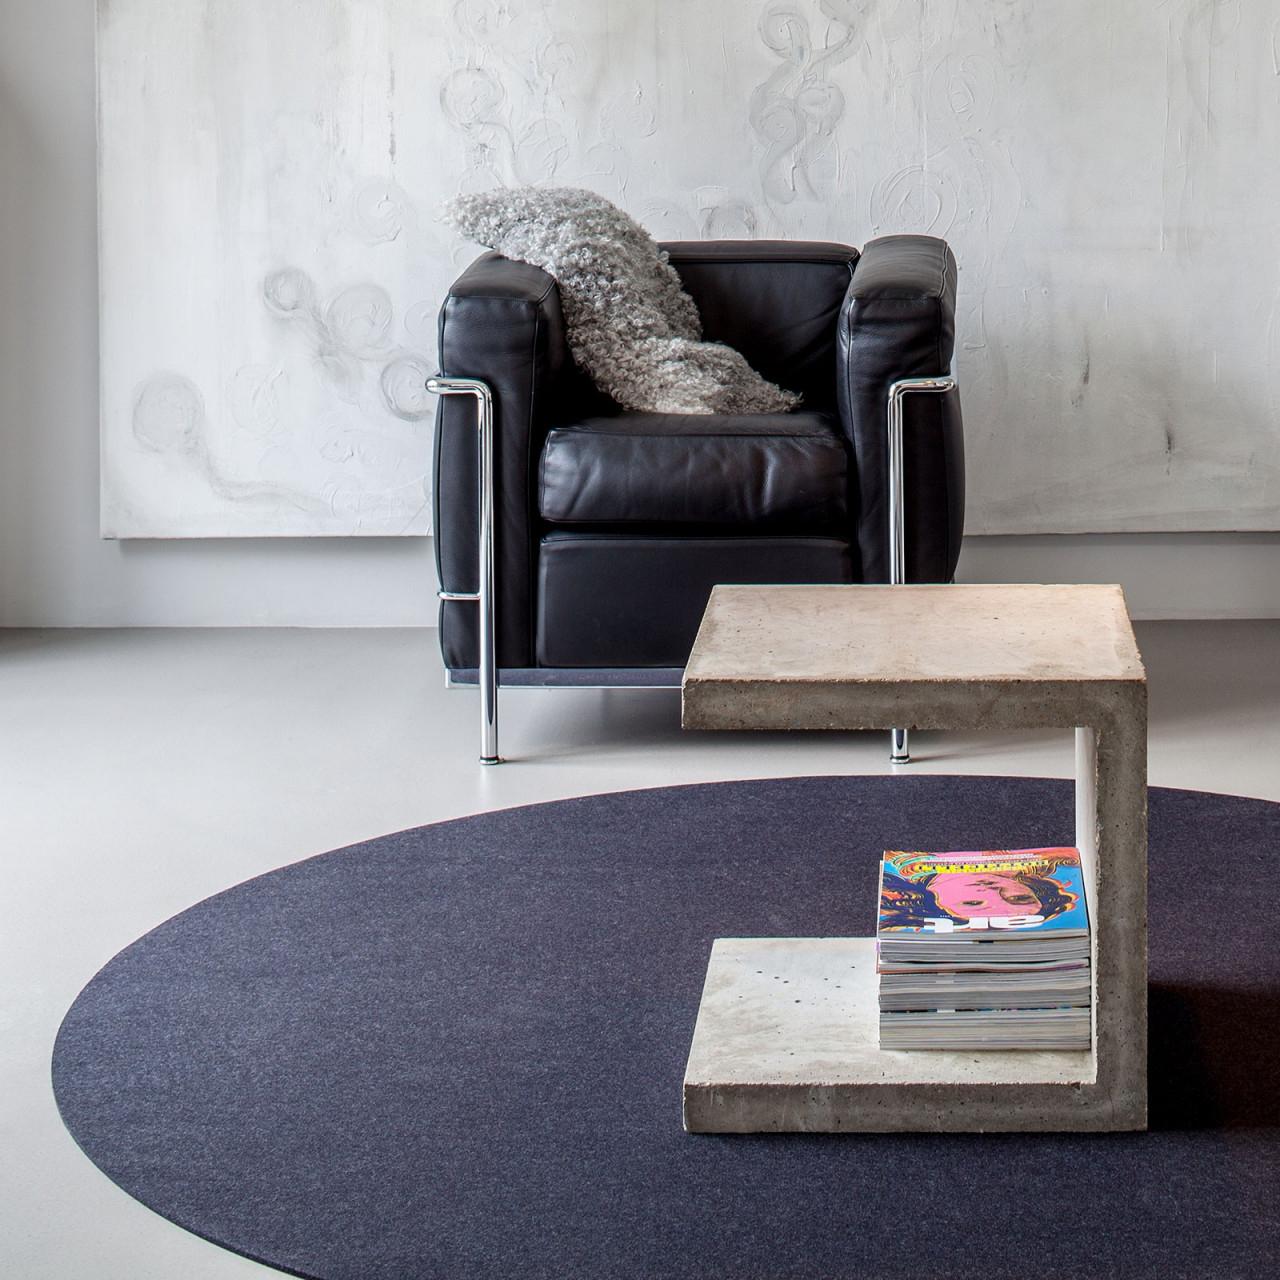 Hey Sign Filzteppich Bigdot Teppich Rund Verschiedene Größen Und Farben   Trendeshop von Teppich Rund Wohnzimmer Photo